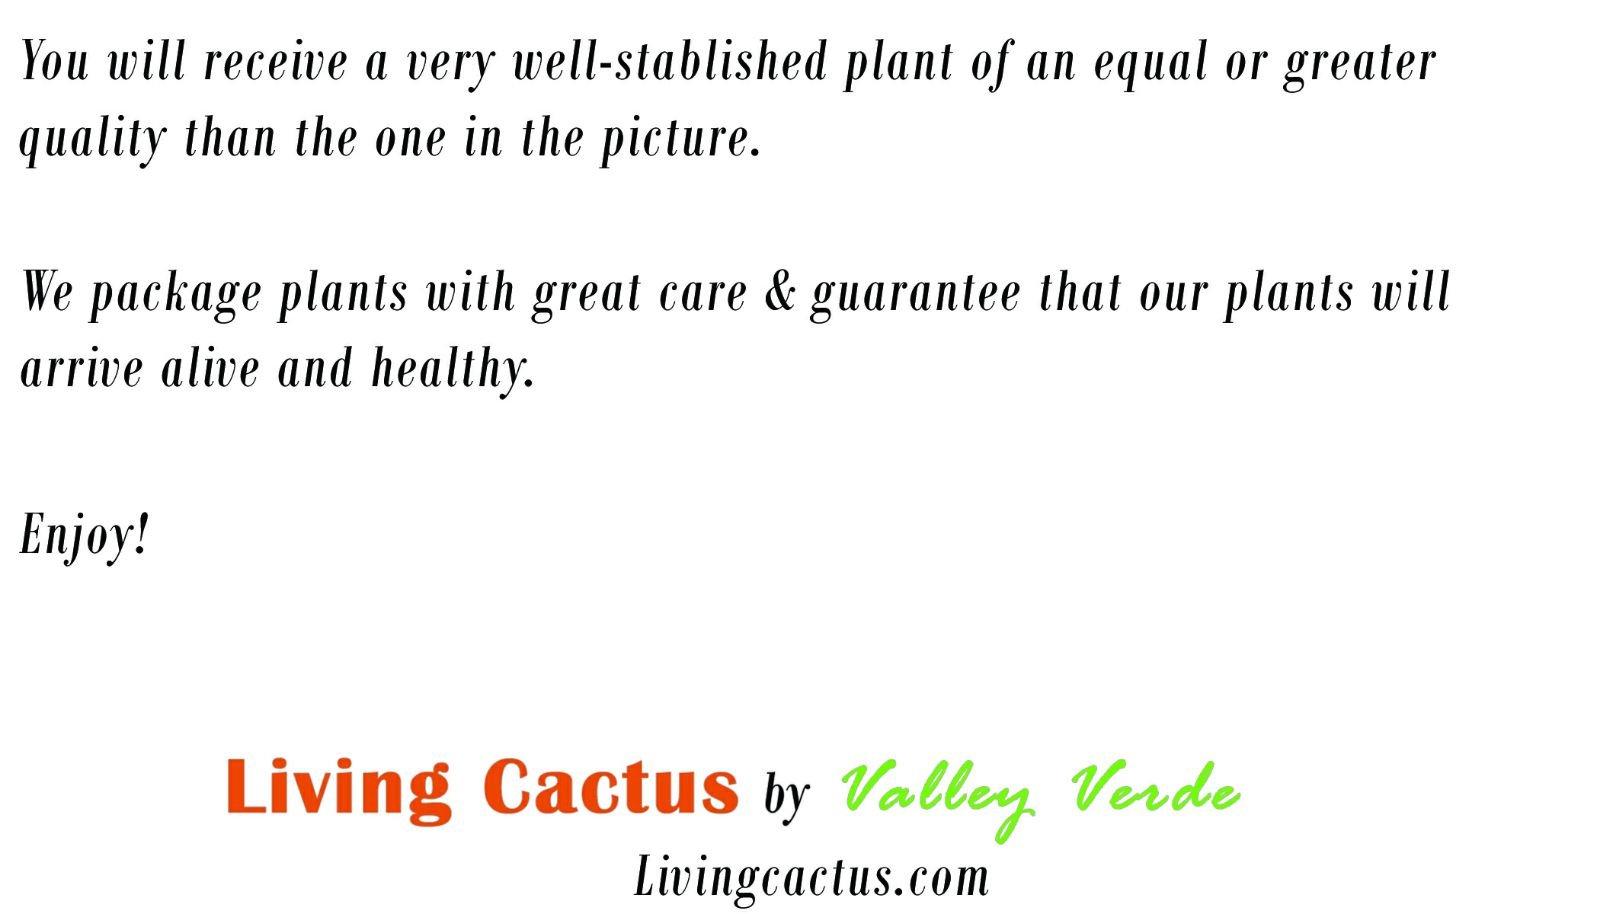 Live Saguaro Cactus Living Cactus.com - Carnegiea gigantea